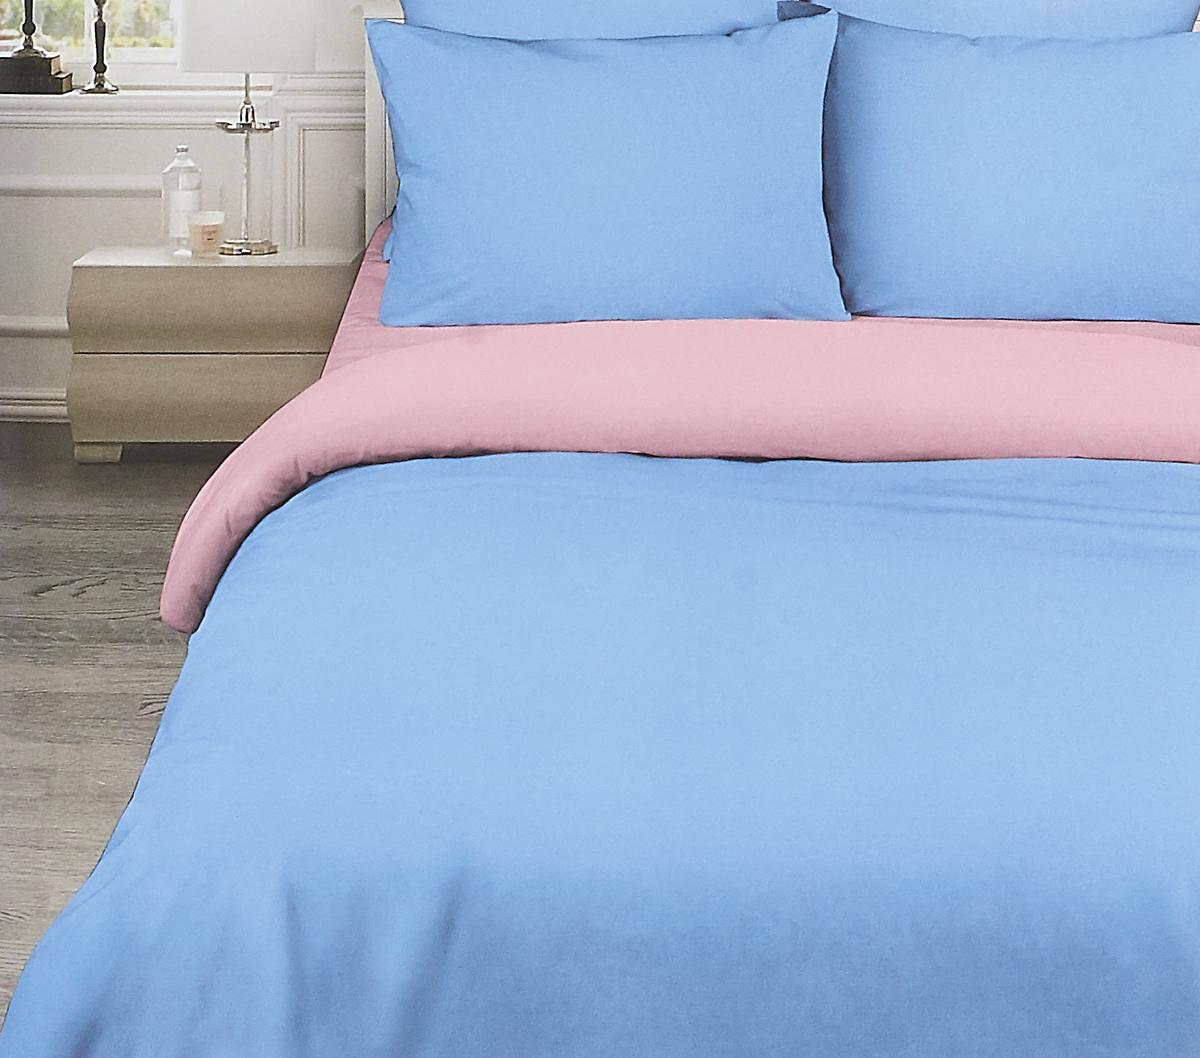 Комплект белья Василиса Розовый рассвет, 1,5-спальный, наволочки 70x70, цвет: синий. 377/2 комплект белья василиса тауэрский мост 2 спальный наволочки 70х70